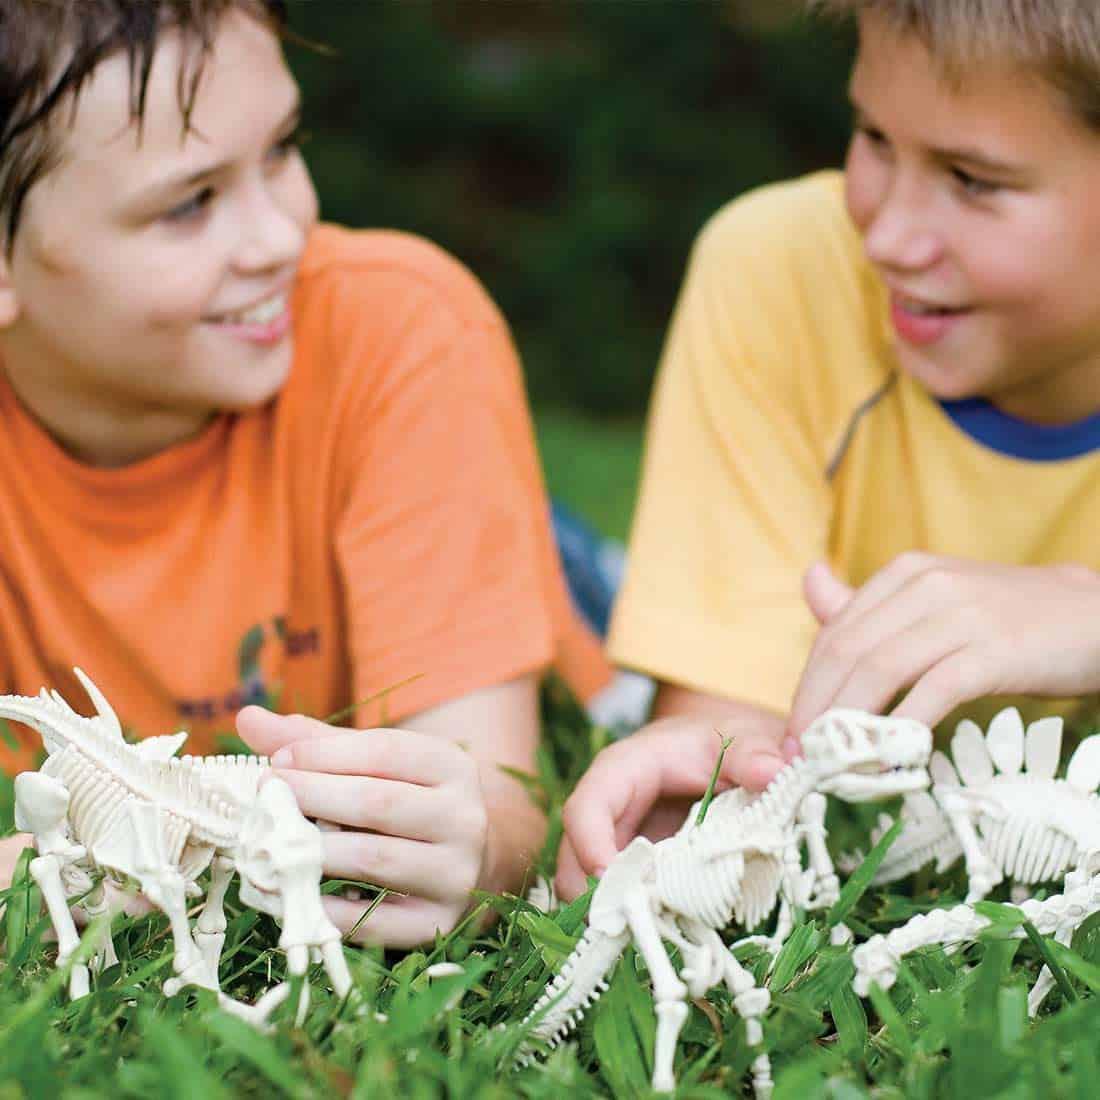 חפירת שלד דינוזאור טריצרטופס ילדים משחקים